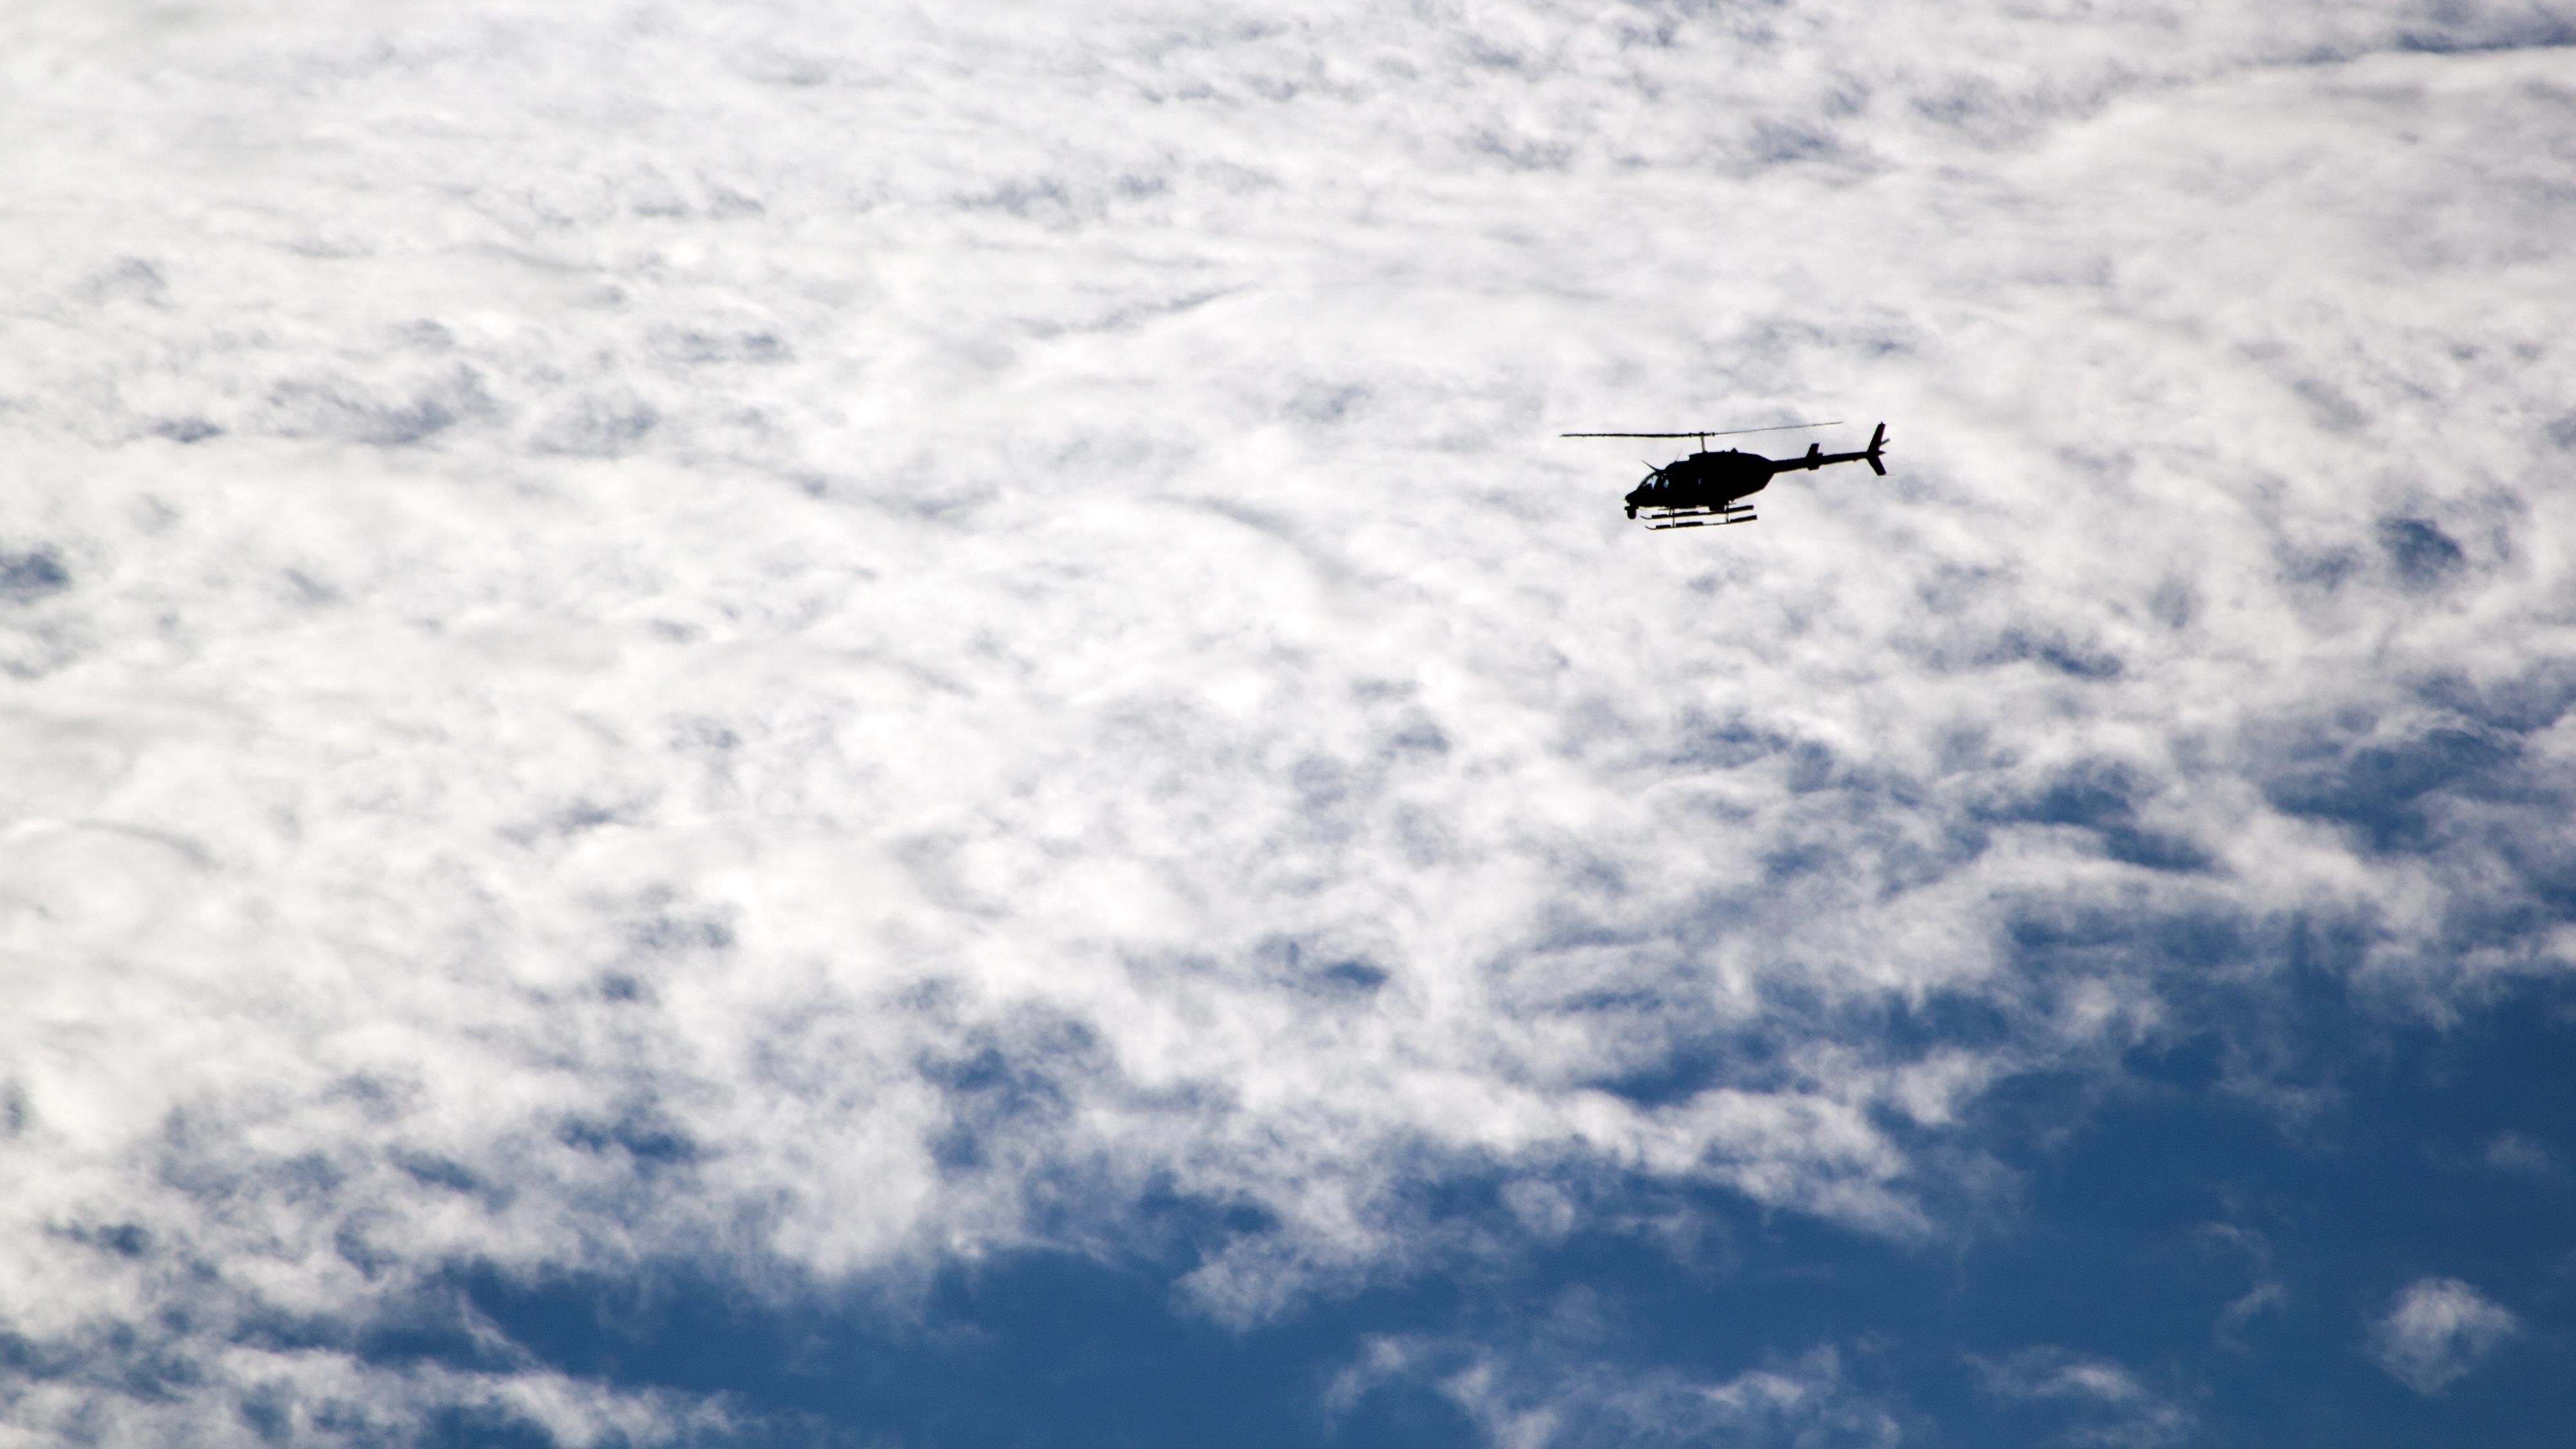 68053 Hintergrundbild herunterladen Sky, Clouds, Hubschrauber, Verschiedenes, Sonstige, Flug - Bildschirmschoner und Bilder kostenlos